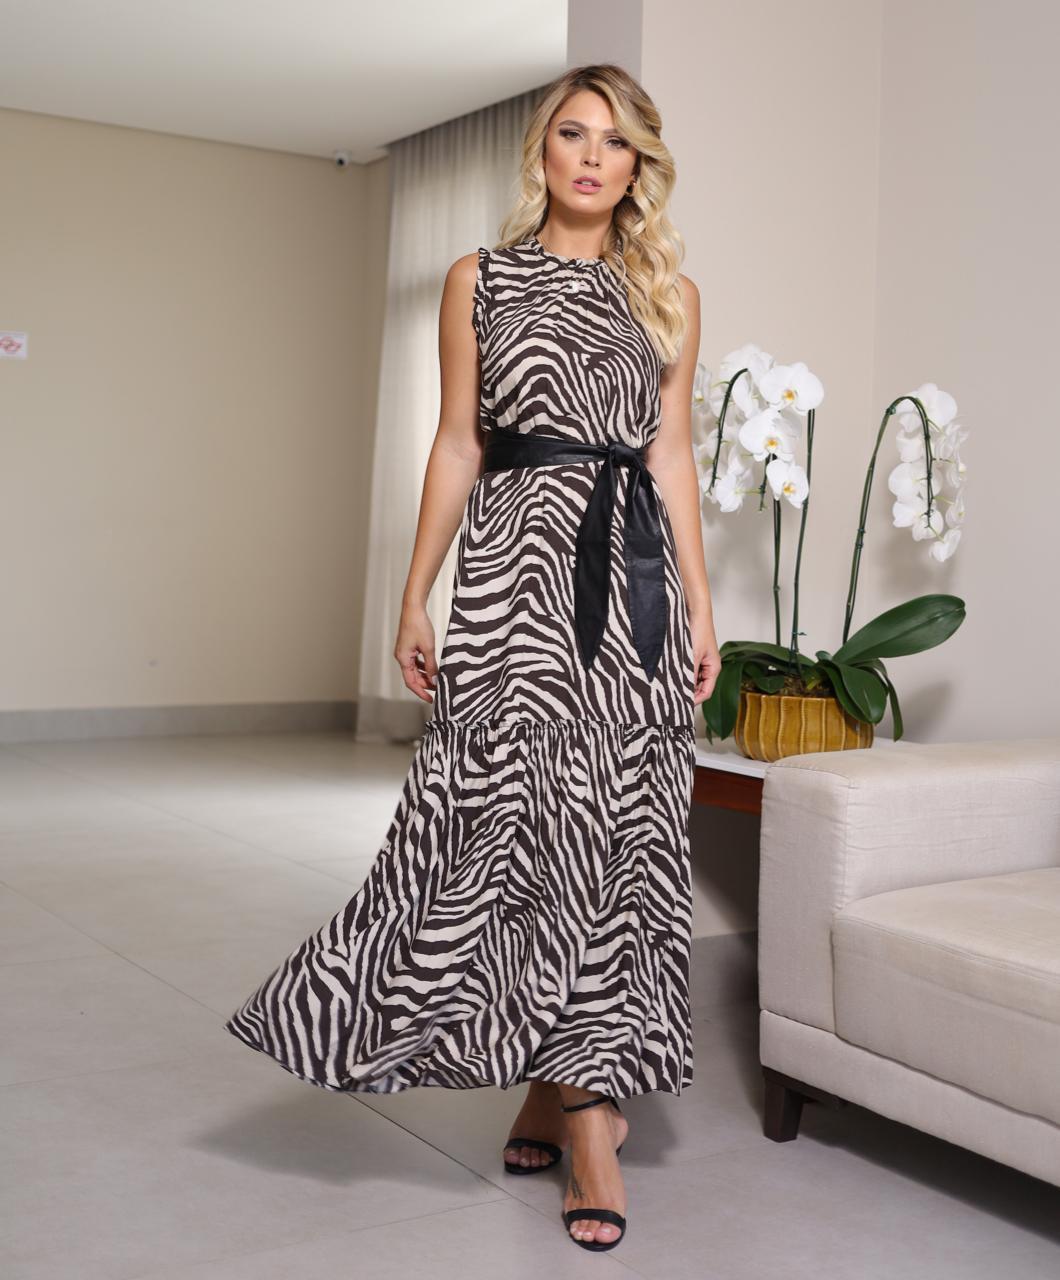 Vestido Cheroy Viscose Safari Zebra Detalhe Franzido C/ Cinto em Couro Eco